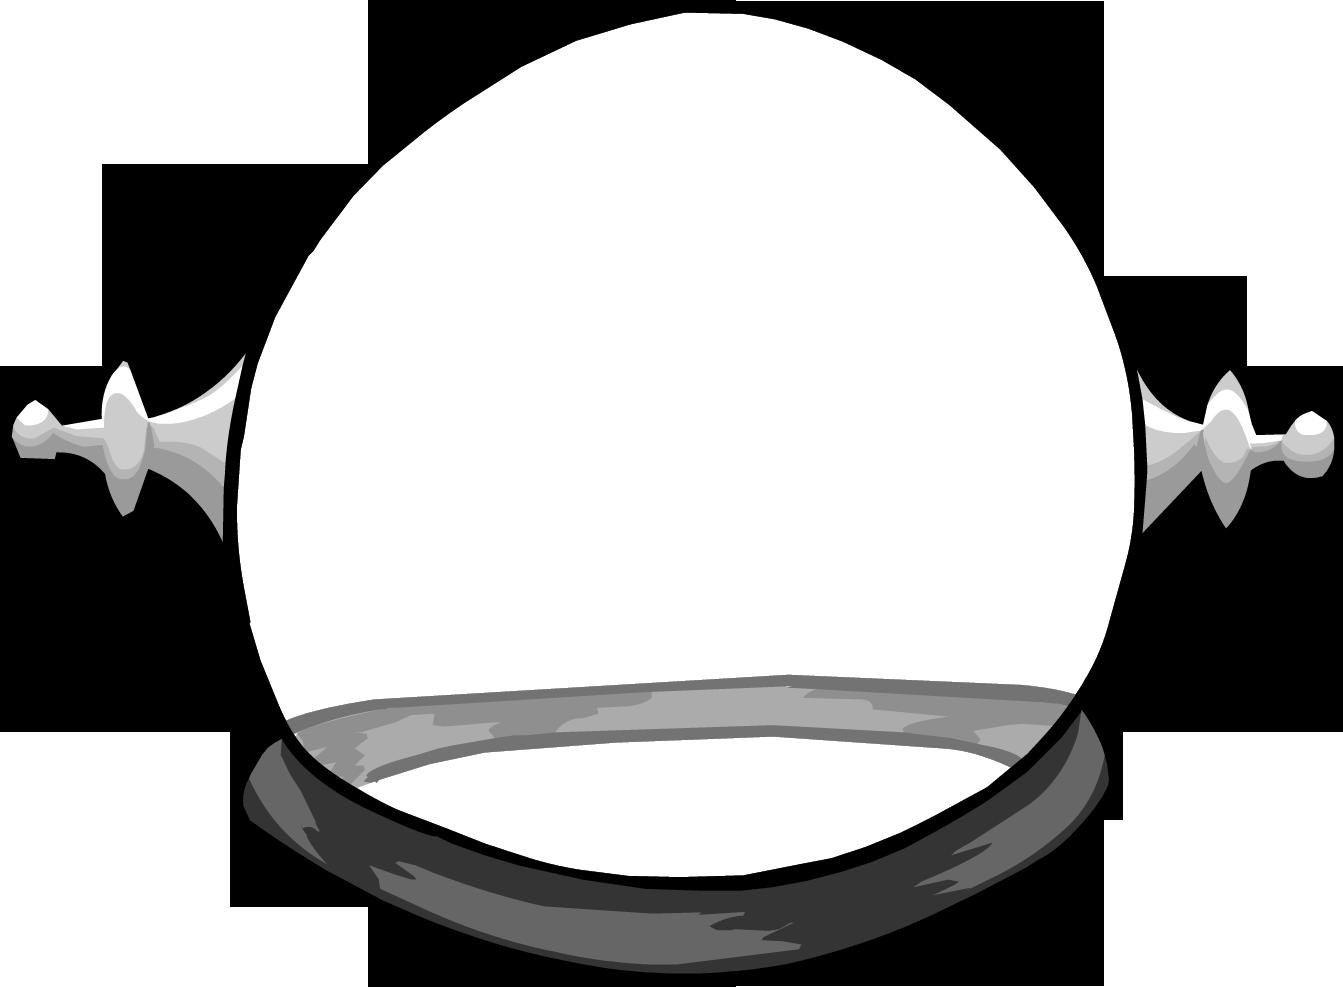 Astronaut helmet templateAstronaut Helmet Drawing